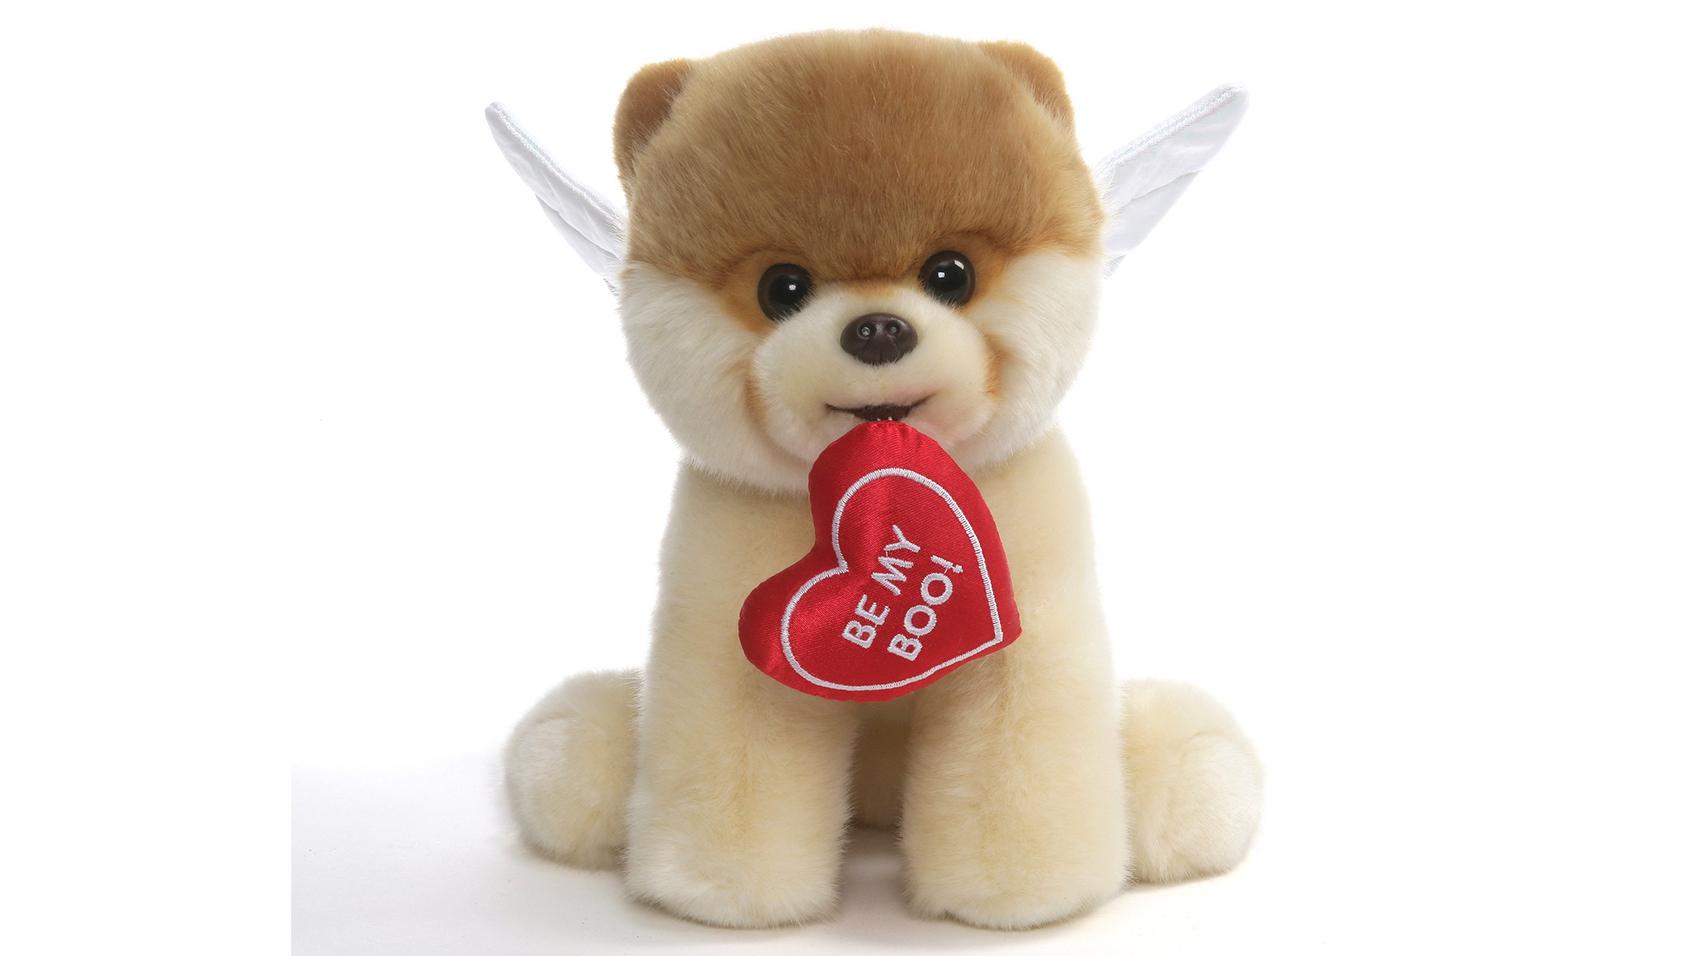 Valentine S Day Gifts For Kids 2021 Cnn Underscored